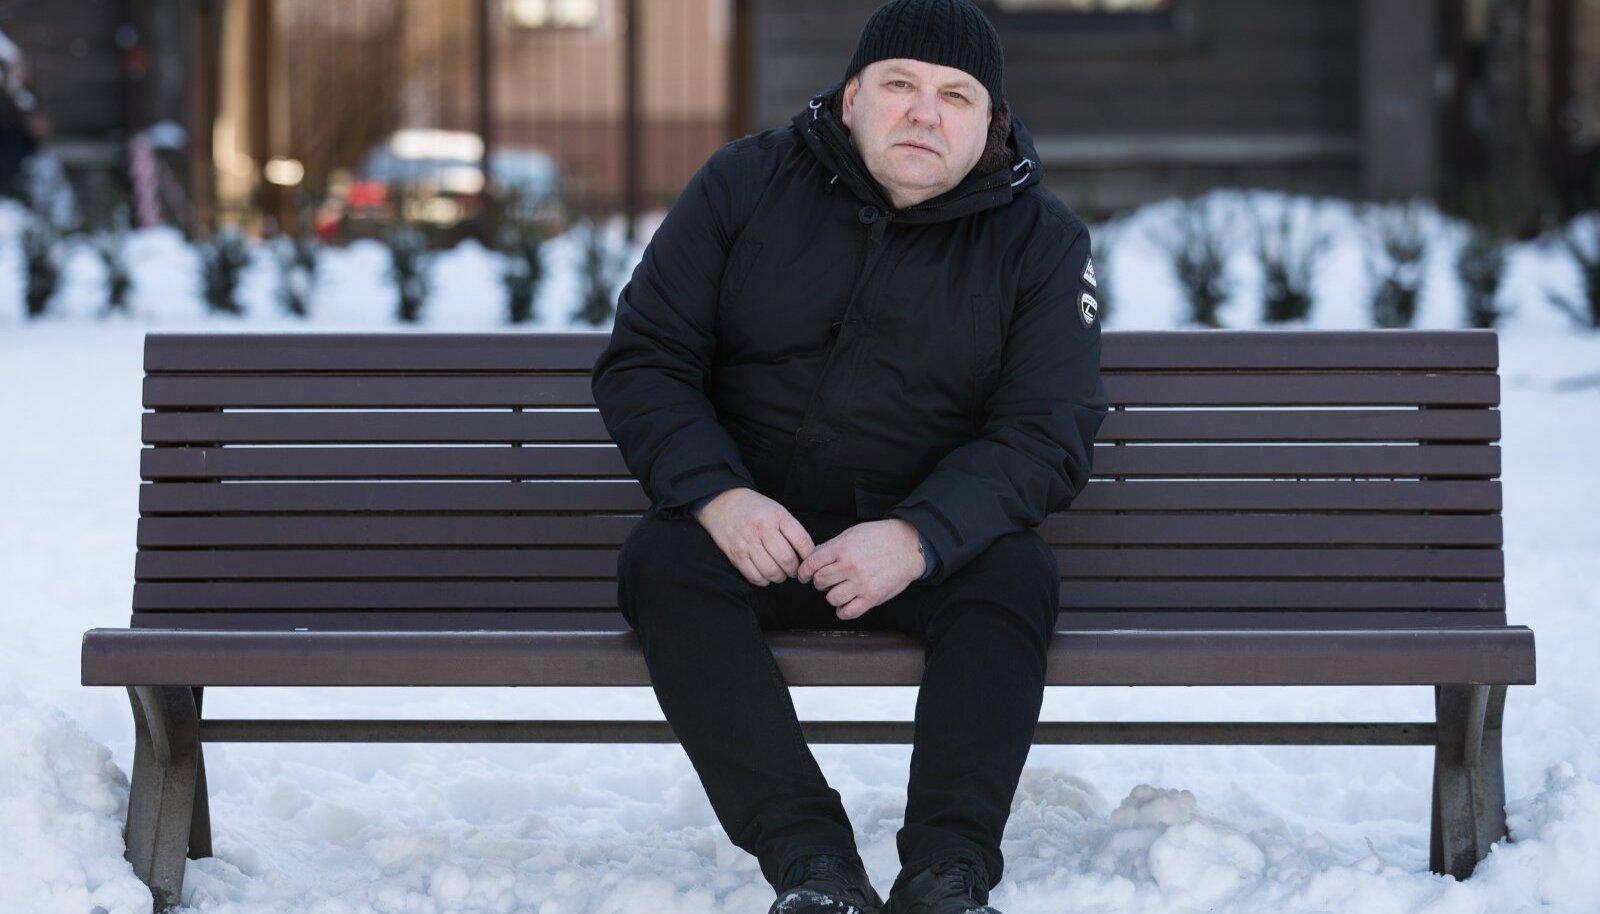 Tallinna tehnikaülikooli meresüsteemide instituudi vanemteadur Tarmo Kõuts.